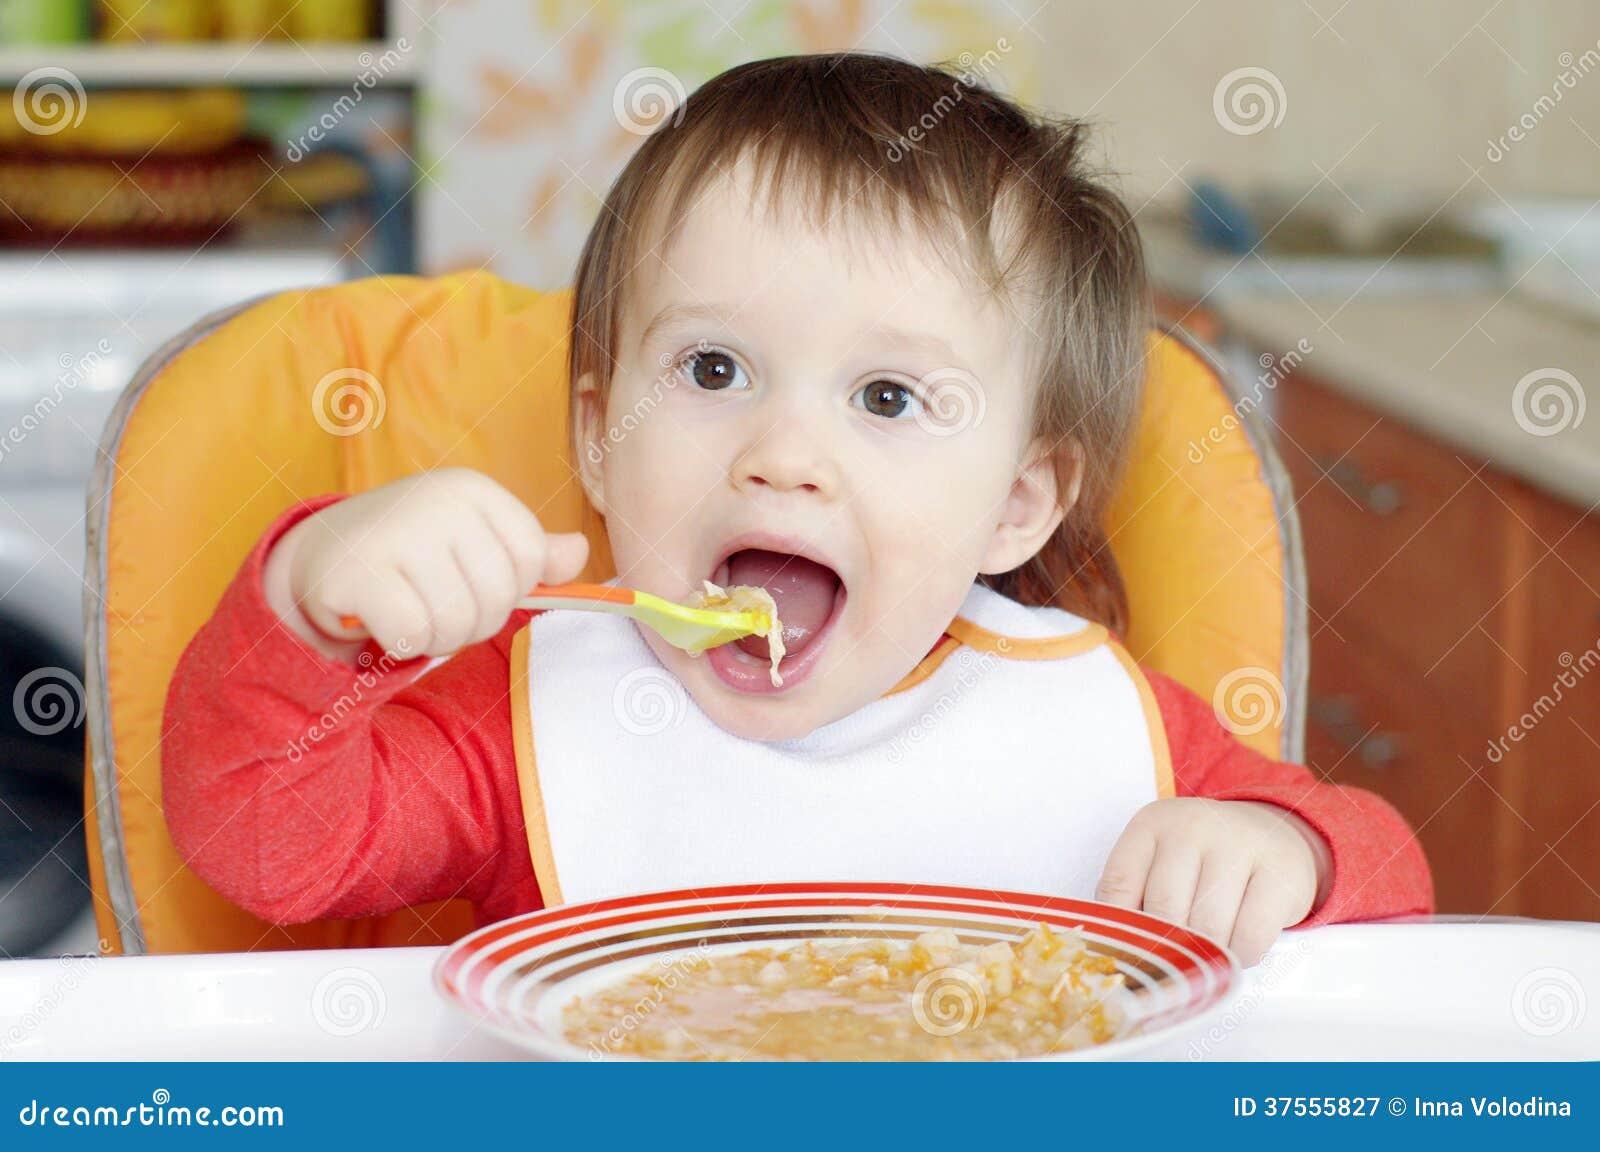 16 monate baby isst suppe stockbild bild von jung kaukasisch 37555827. Black Bedroom Furniture Sets. Home Design Ideas